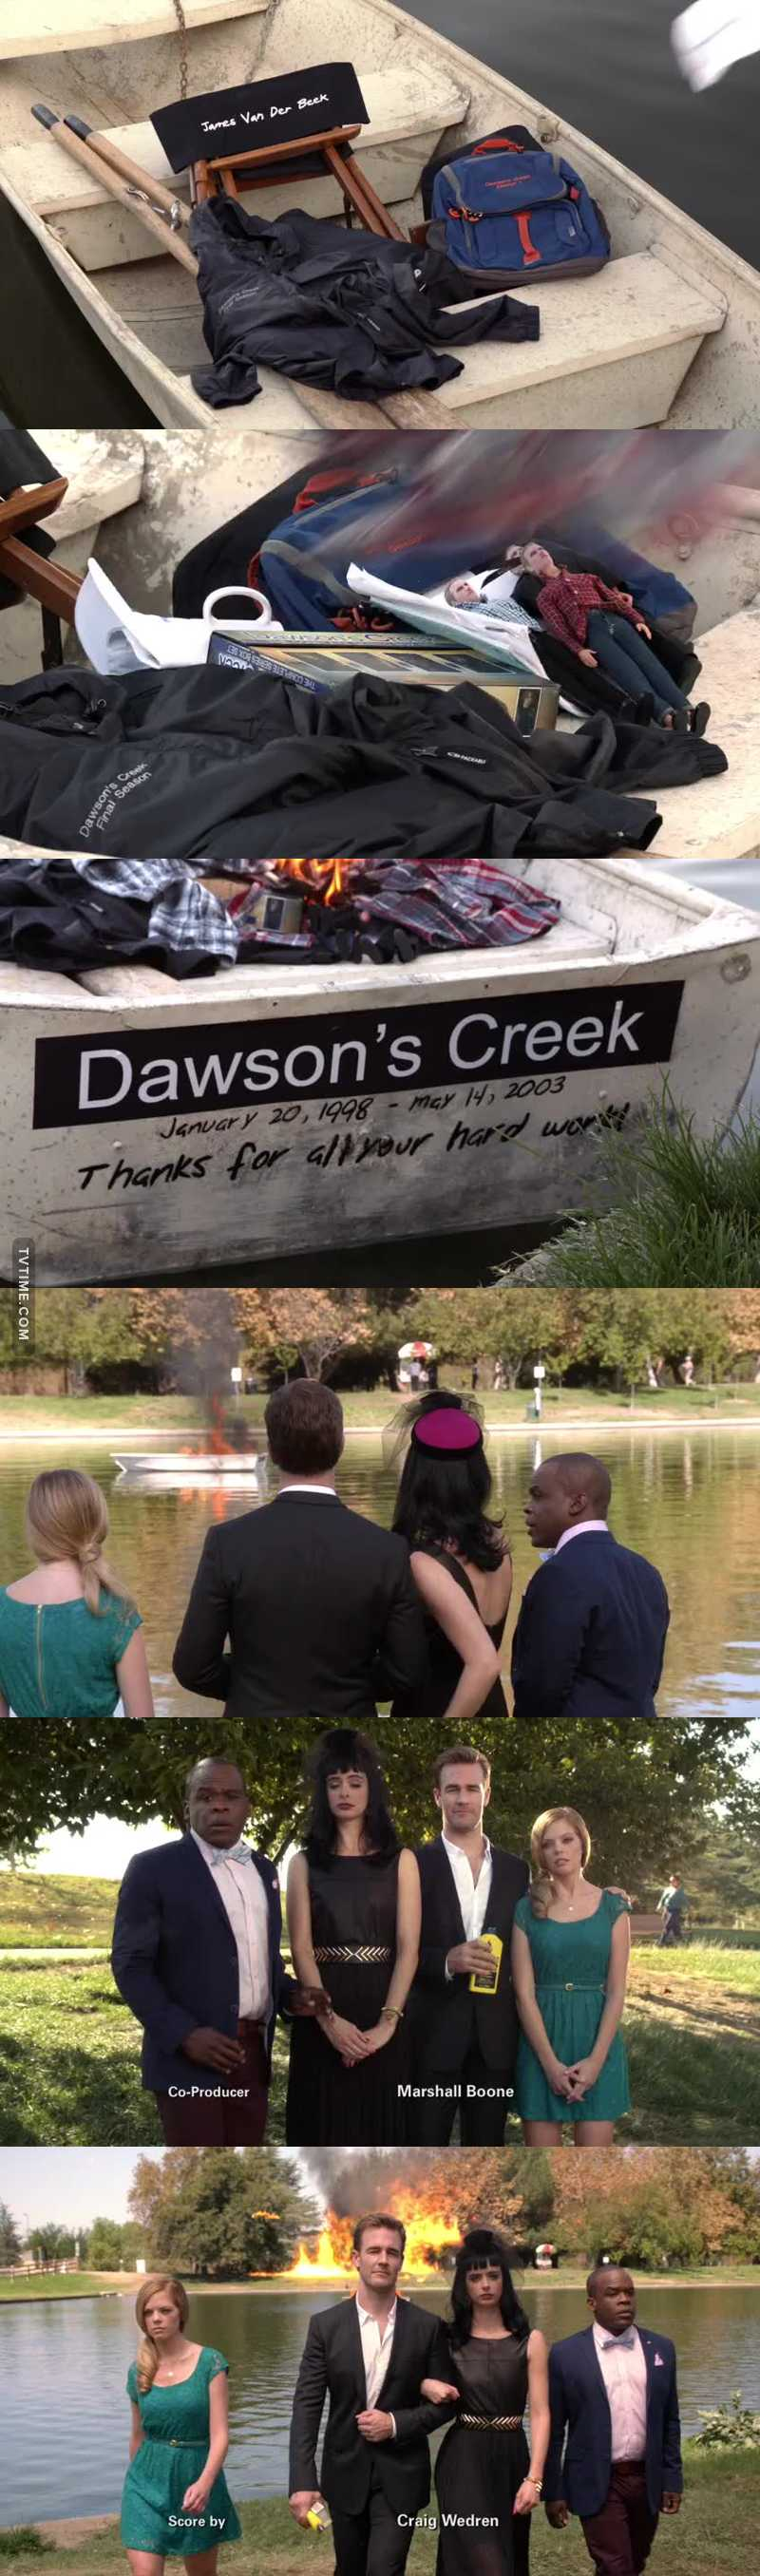 Addio, Dawson!!!